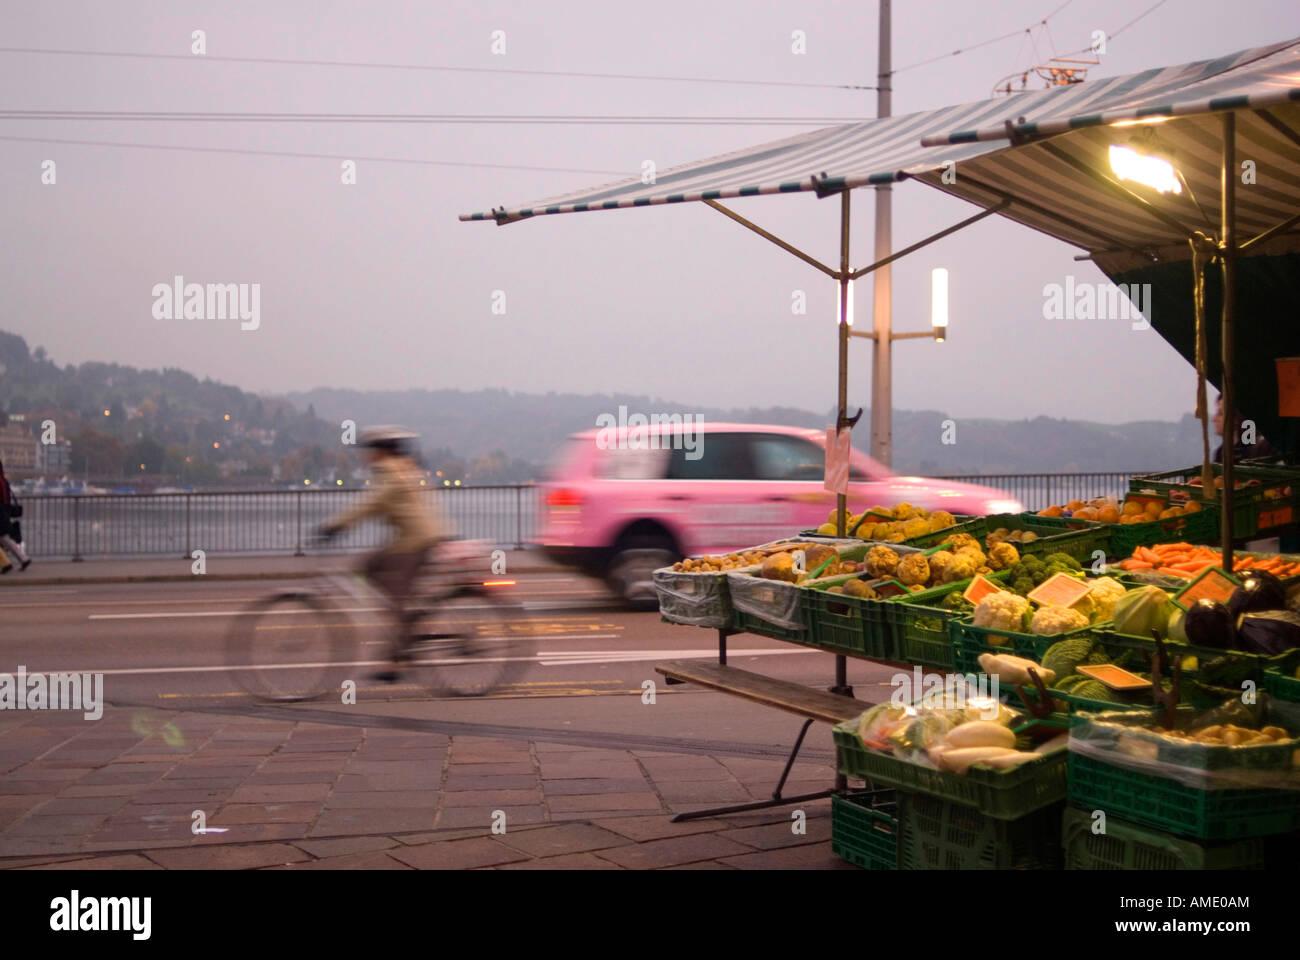 El mercado callejero de Lucerna, Suiza Foto de stock